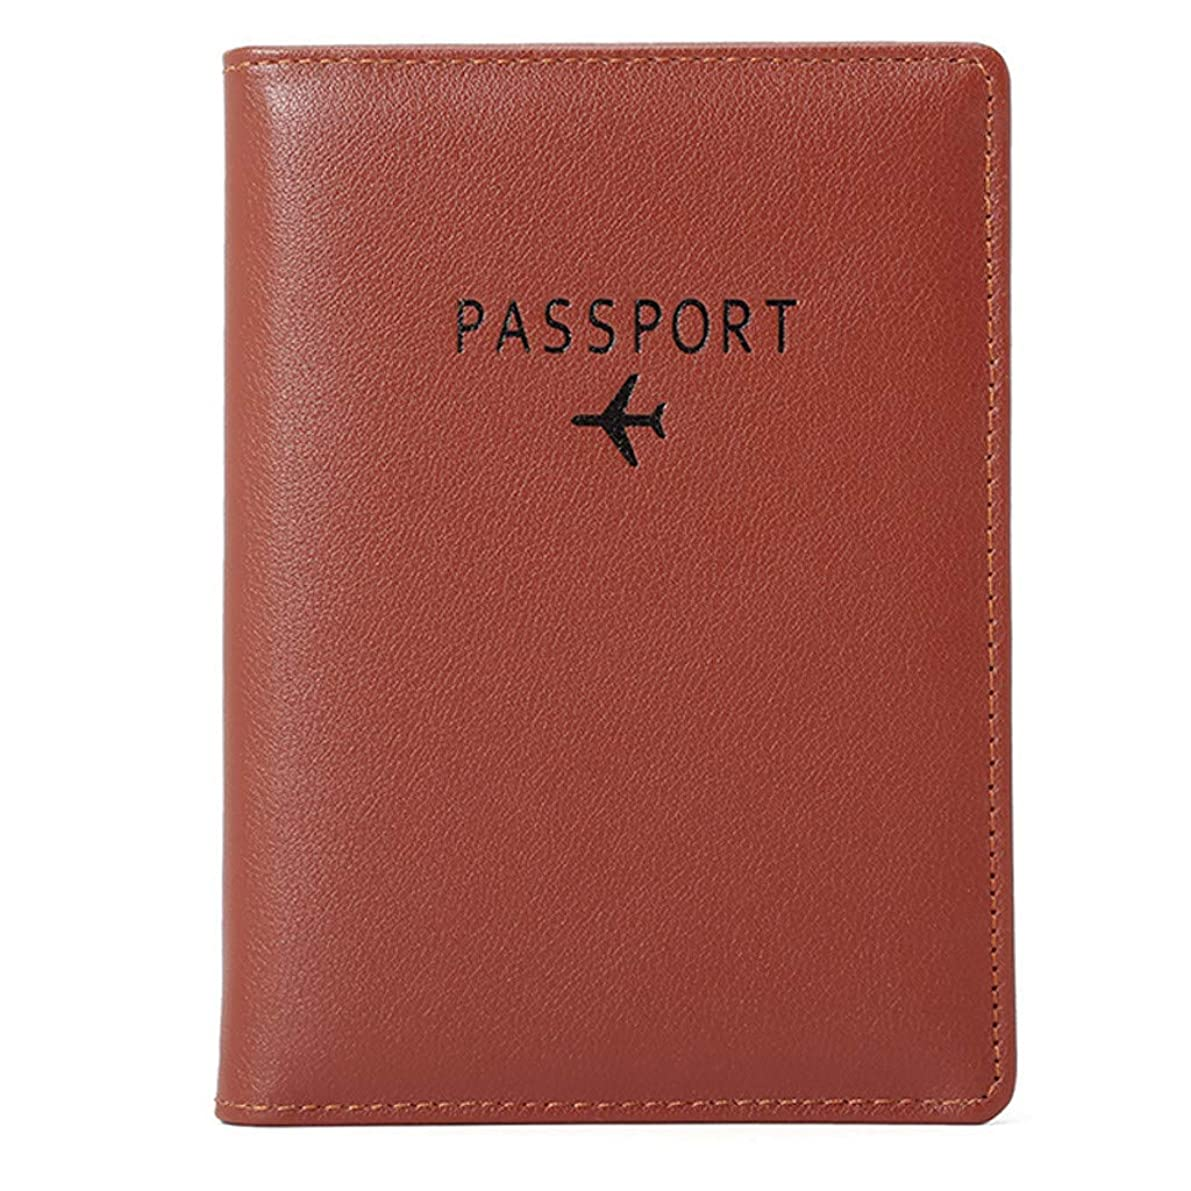 回転させる脆い権威パスポートケース カバー 男女兼用 多機能収納 トラベルパスポート財布 三つ折りドキュメントオーガナイザー ホルダー